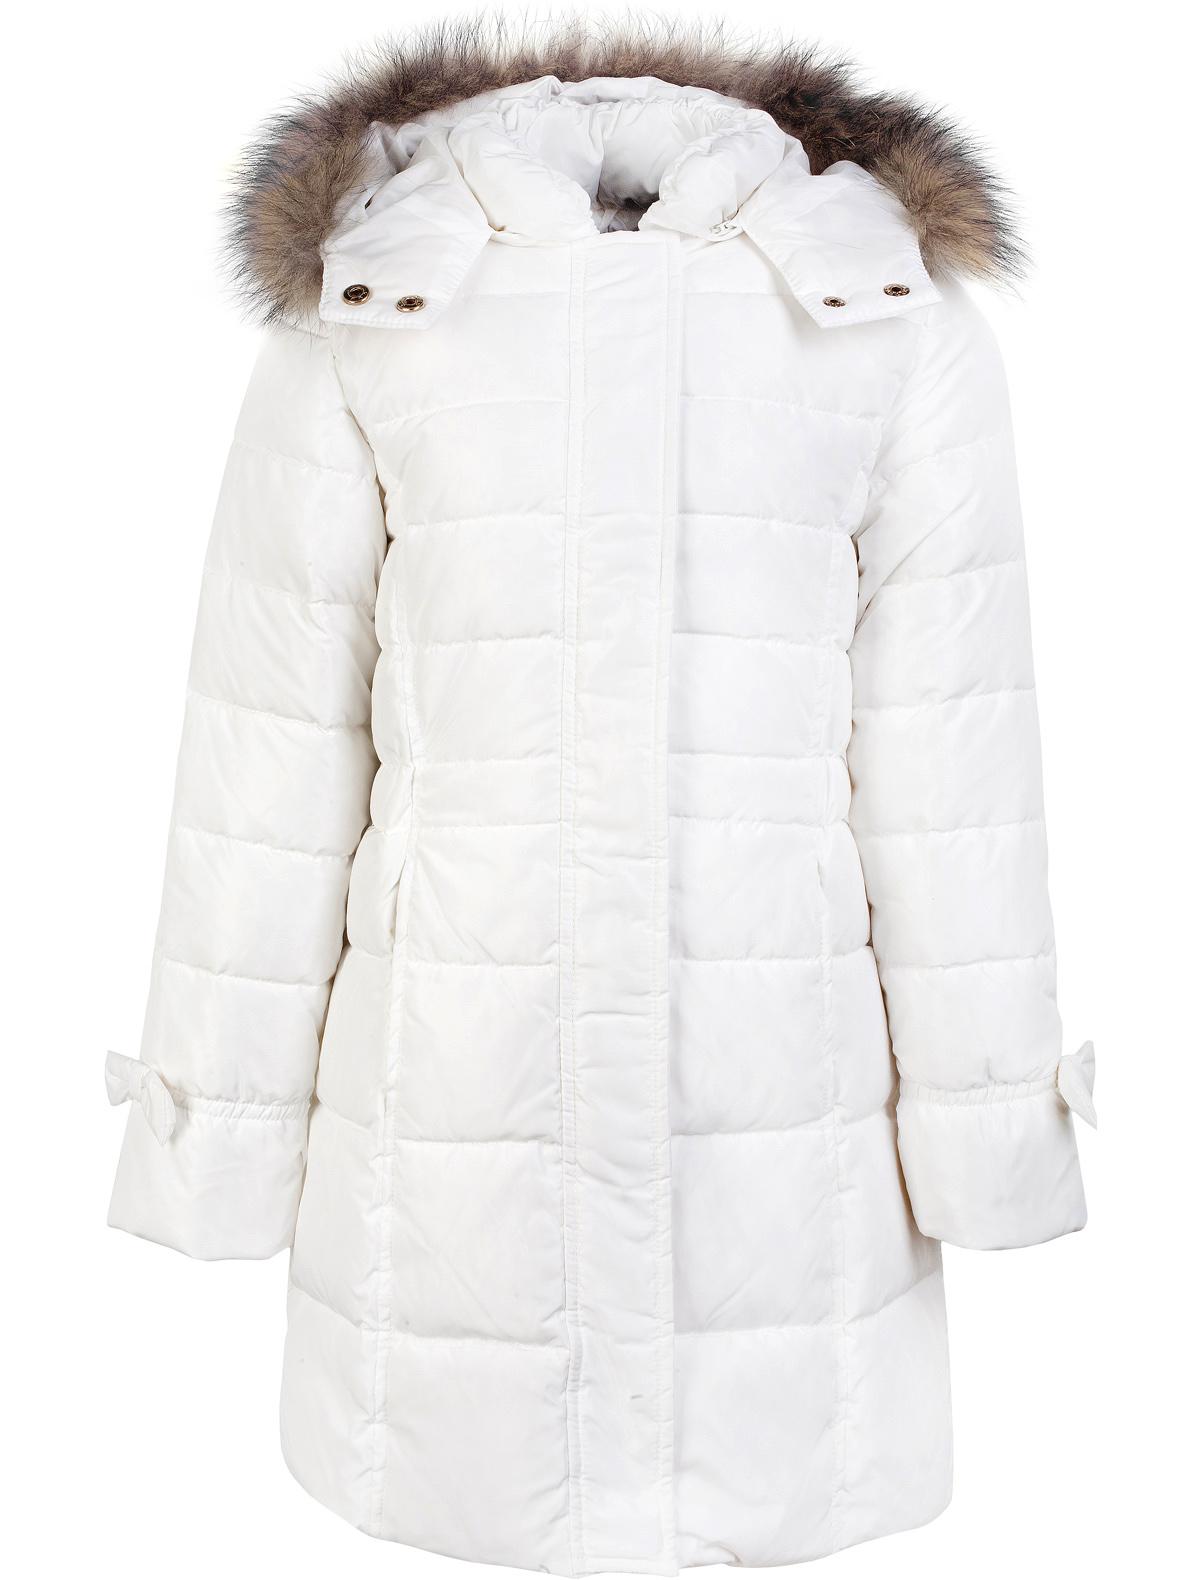 Купить 1879637, Пальто SILVIAN HEACH Kids, белый, Женский, 1121209680035